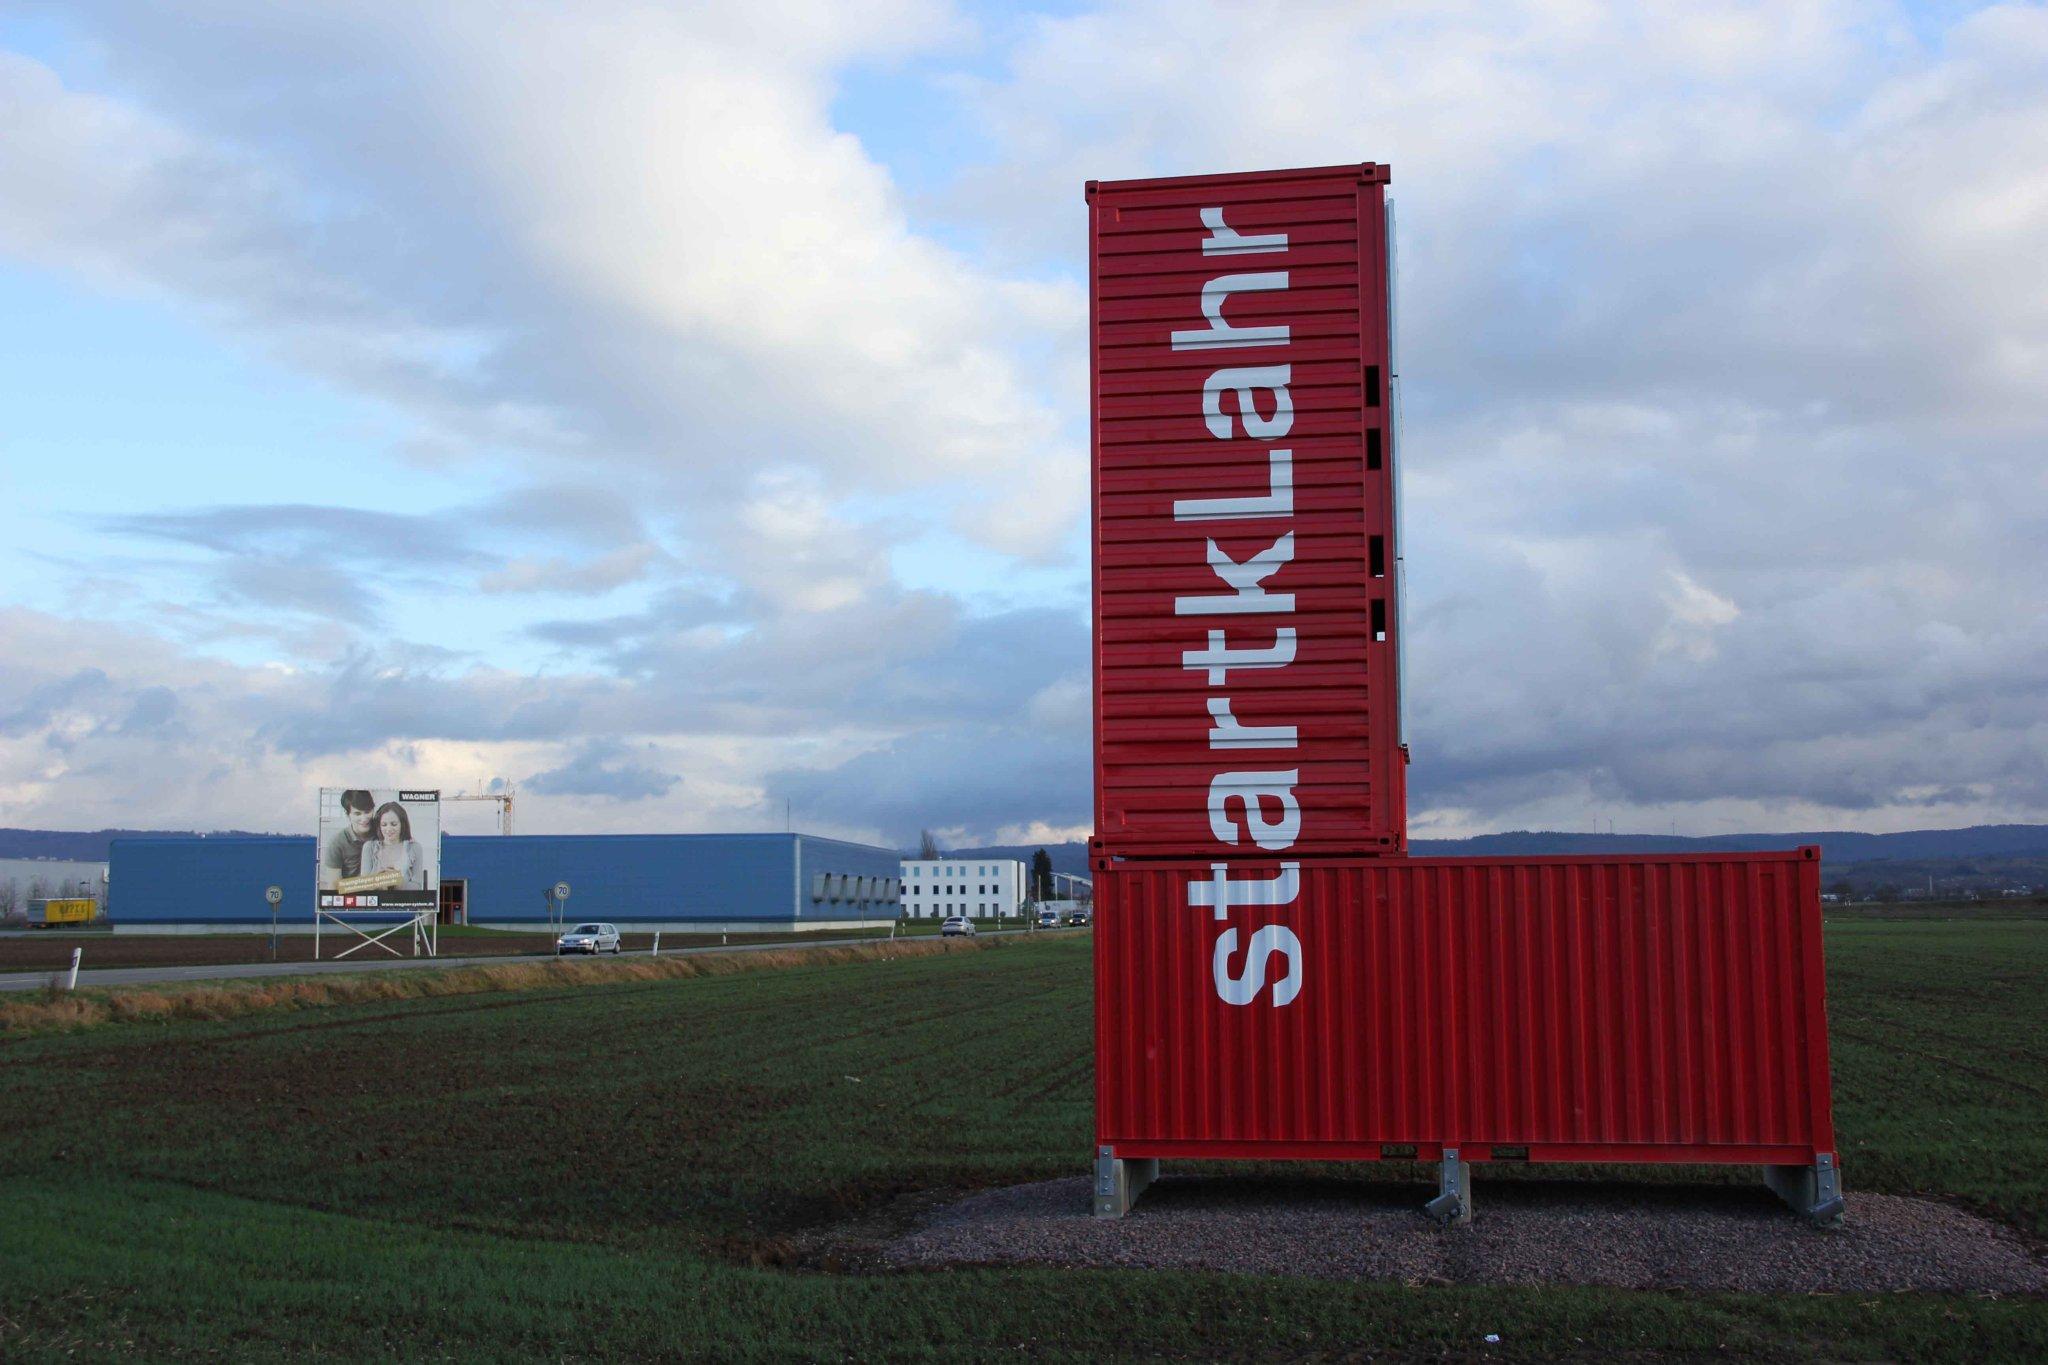 Bild von startkLahr Flughafen (Bildquelle: startkLahr)